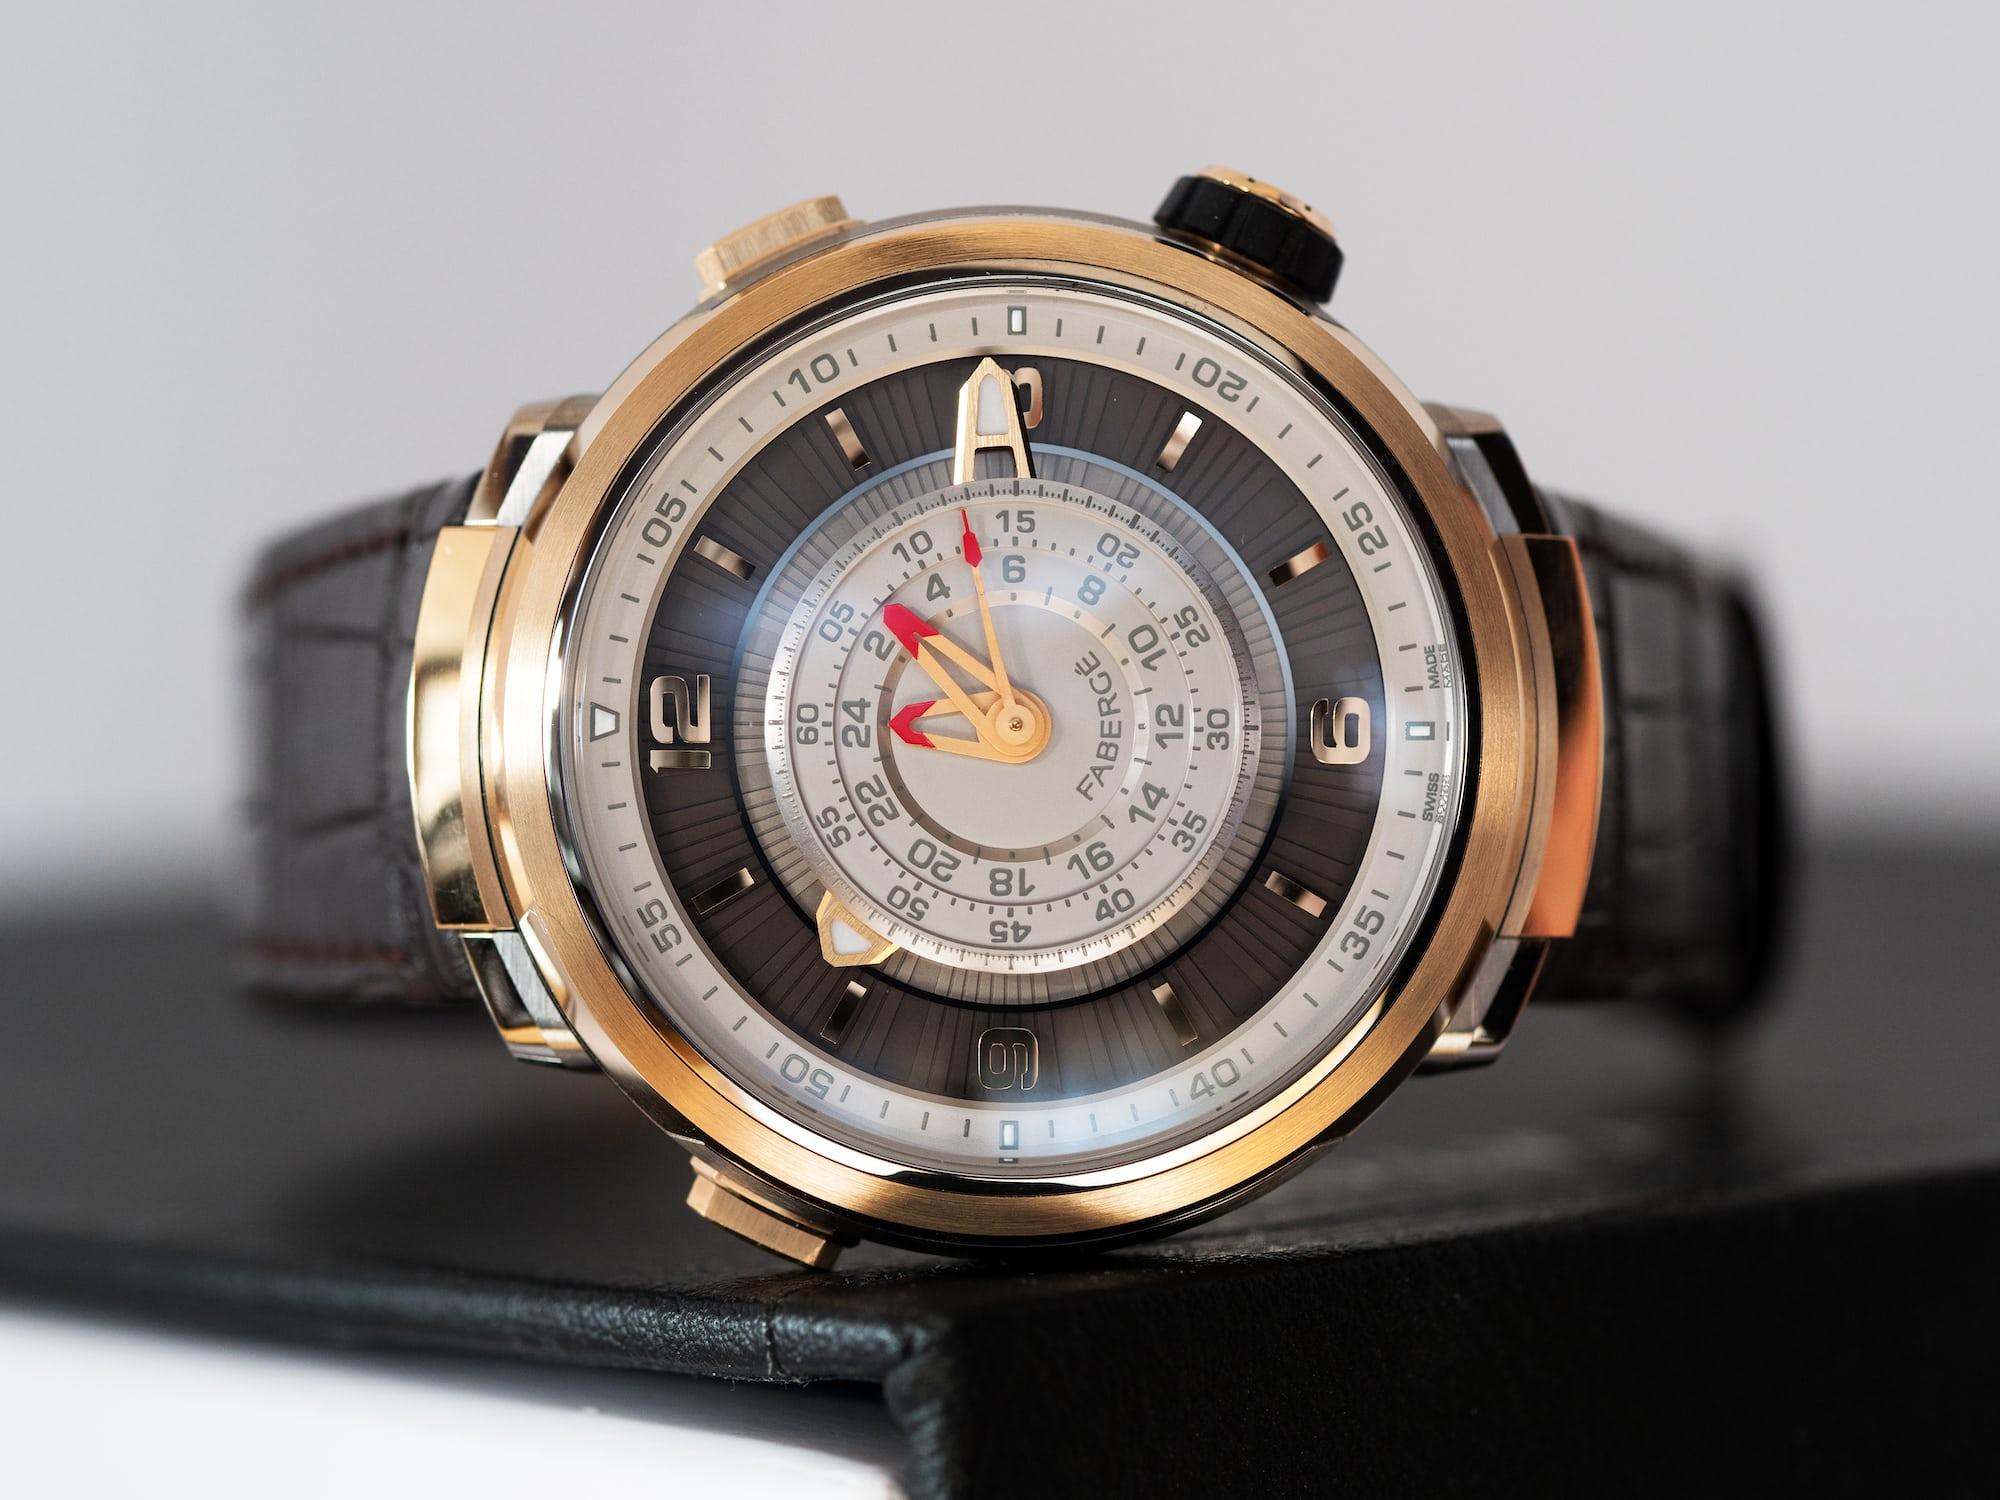 Fabergé Visionnaire Chronograph, dial side view